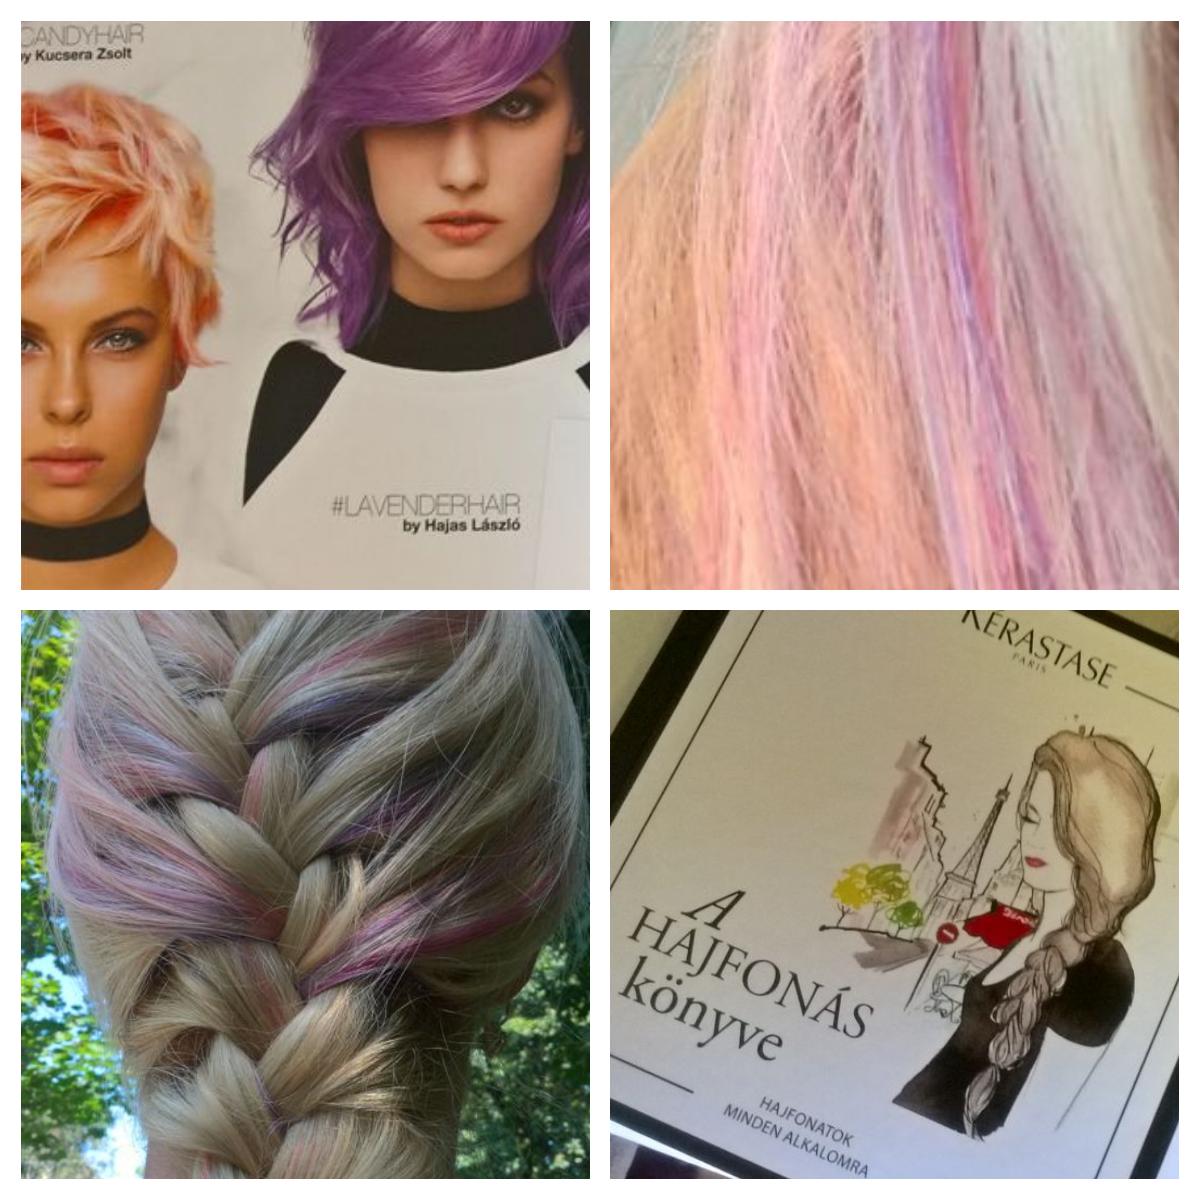 A mai napon egy fantasztikus Szalon szolgáltatást vehettem igénybe, pontosabban: a hajam :)<br /><br />A fodrászok miután megvizsgálták a hajszerkezetem, a Majirel gyönyörű szőke hajfestékével, egyenletes színűre varázsolták a hajam, tőfestést alkalmaztak, így a festék kb. 20 percig volt a hajamon. Ezután mosás, színrögzítő pakolás következett, majd az új SÉRIE EXPERT professzionális haj ápoló termék családjából a BASE alapot kevertük össze a LIPIDUMMAL, ez a pakolás  kb 5 percig volt a hajvégeken. Mosás következett ismét és a vizes! hajamra került fel a 3 gyönyörű COLORFUL hajfestéke, a PINK a LAVENDER és a PEACH színek.<br /><br />Amennyiben kedvet kaptál, és szívesen készítettnél te is magadnak, ragyogó színű hajat, látogass el a Salon expert valamelyik fodrászatába:  http://loc.salon-expert.hu/<br /><br />Köszönet a L'oreal Professionnelnek!<br />